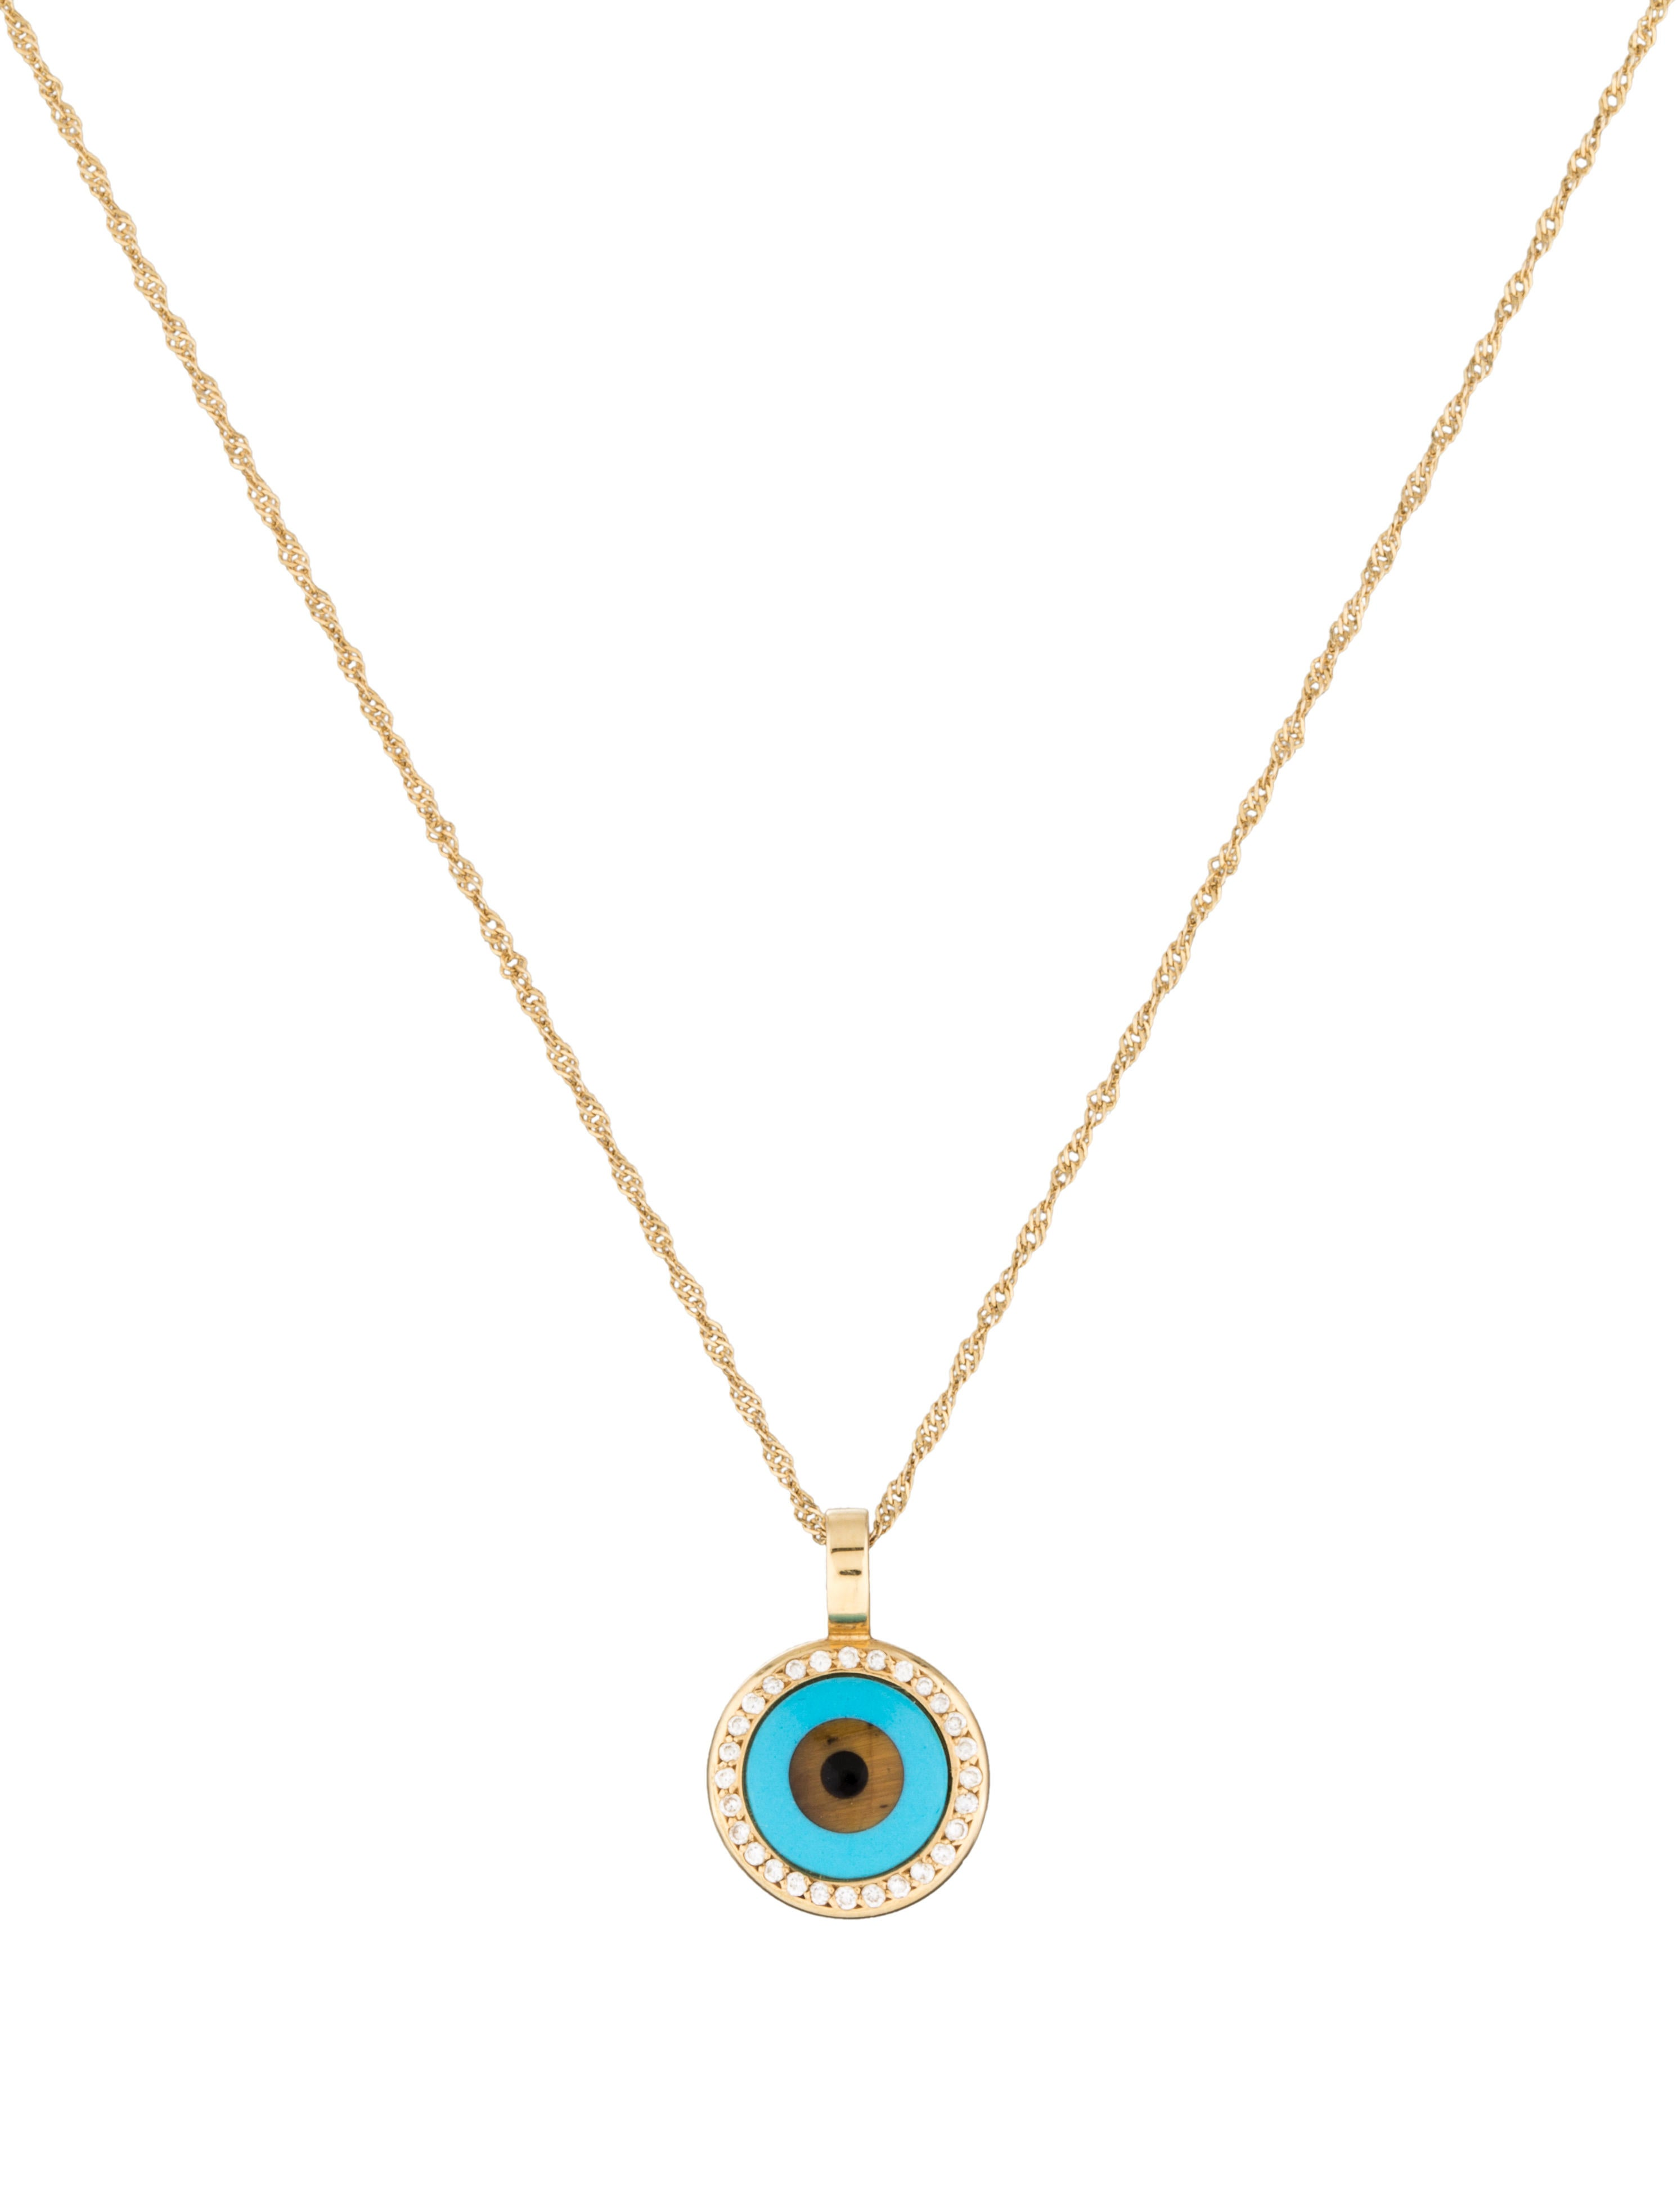 evil eye pendant necklace necklaces fjn24995 the